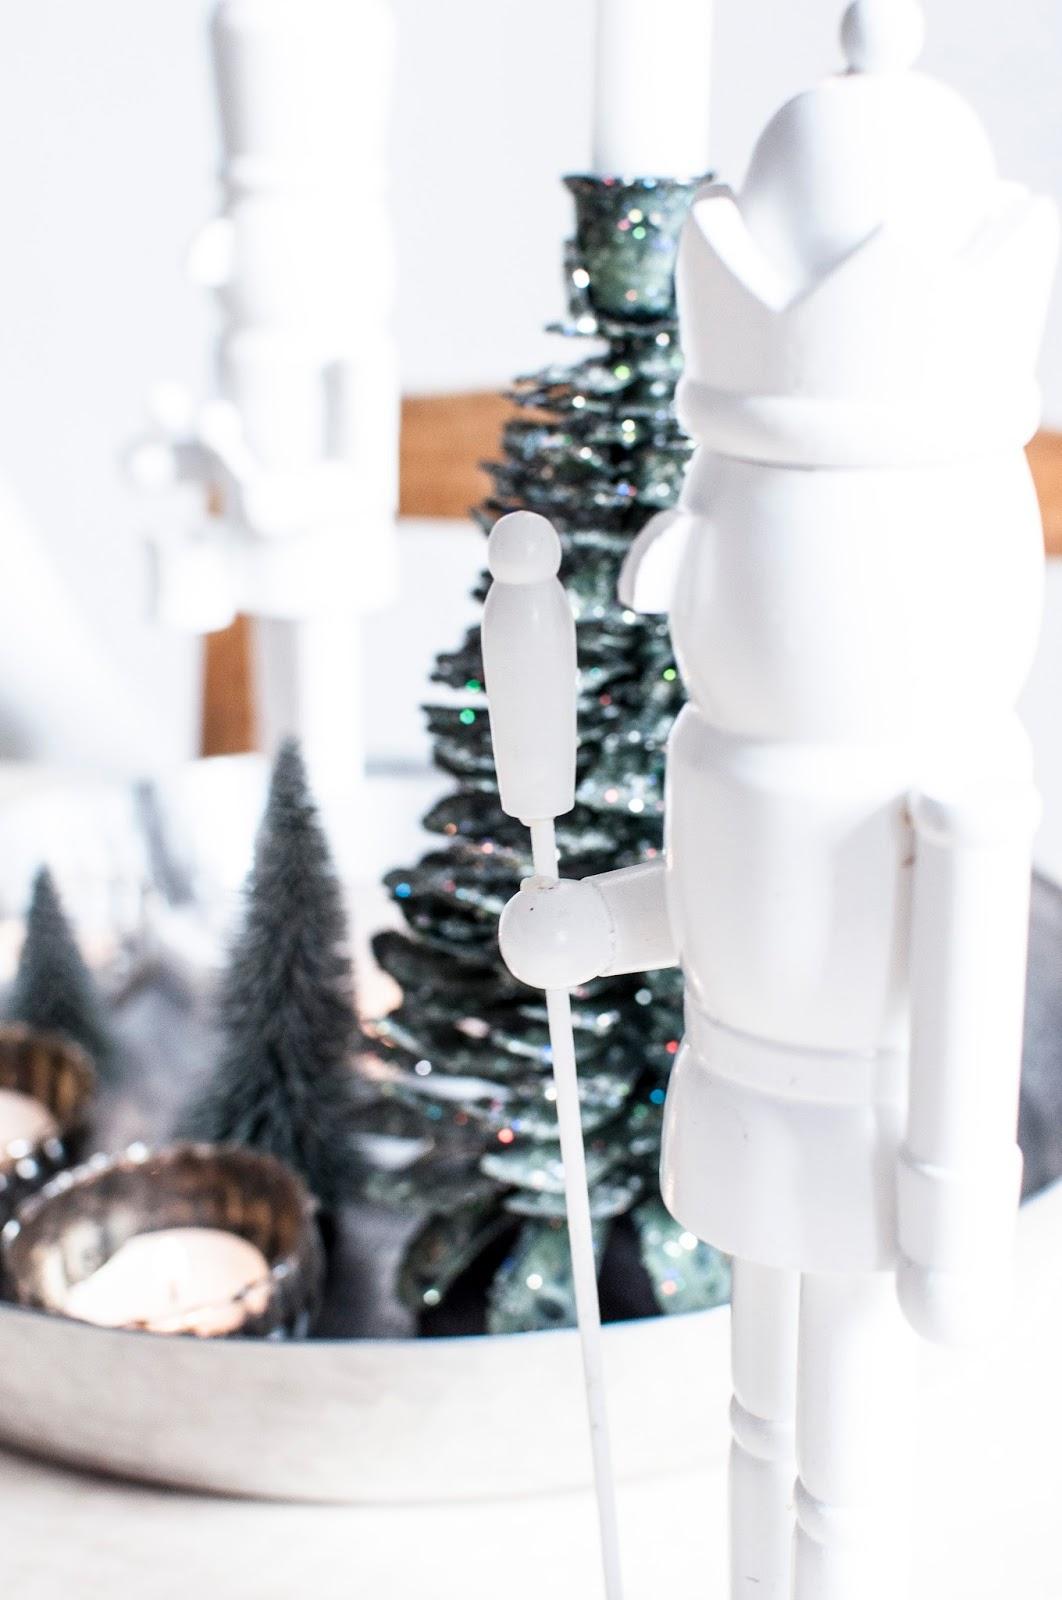 Wohnzimmer - Winter - Wonderland - Dicke W & Goldmarie